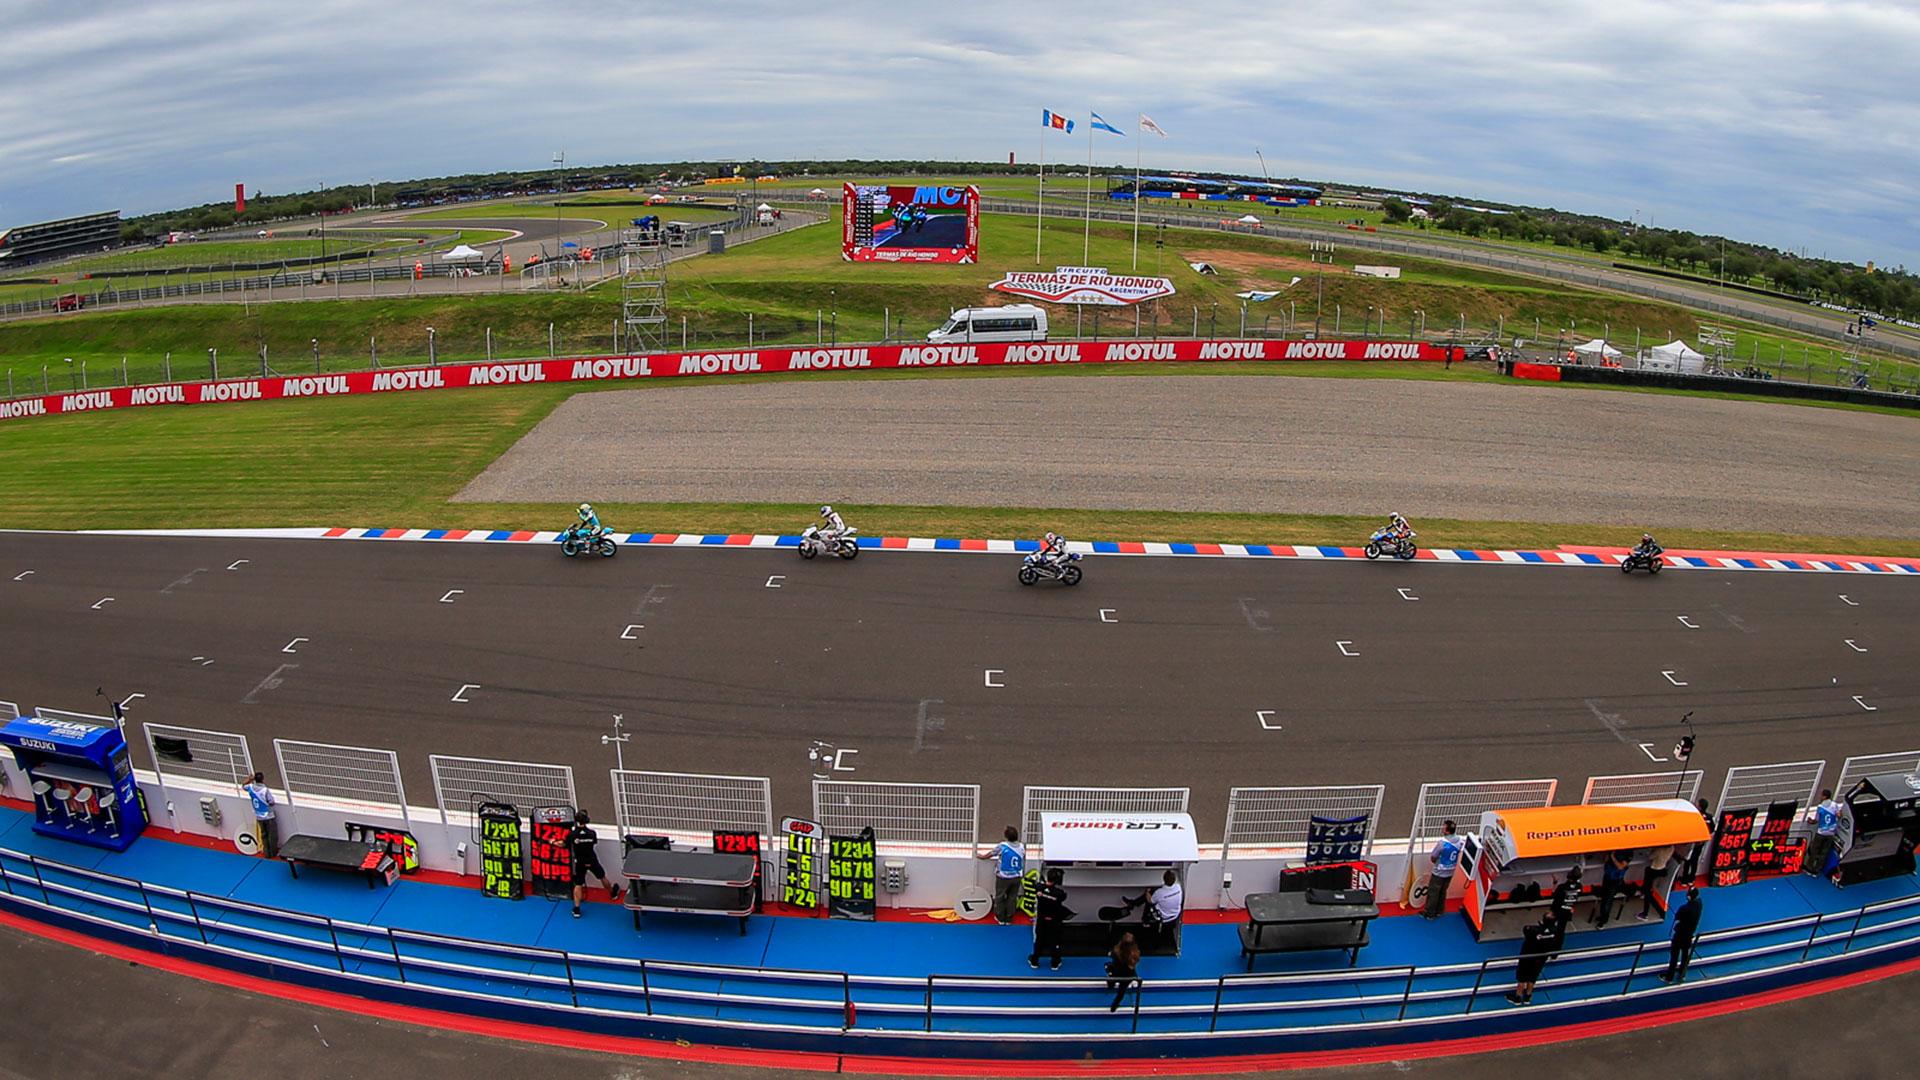 El Gran Premio de la República Argentina de Moto GP se corrió por cuarta vez en el circuito internacional Termas de Río Hondo, Santiago del Estero, considerado el más moderno, veloz y seguro de Latinoamérica